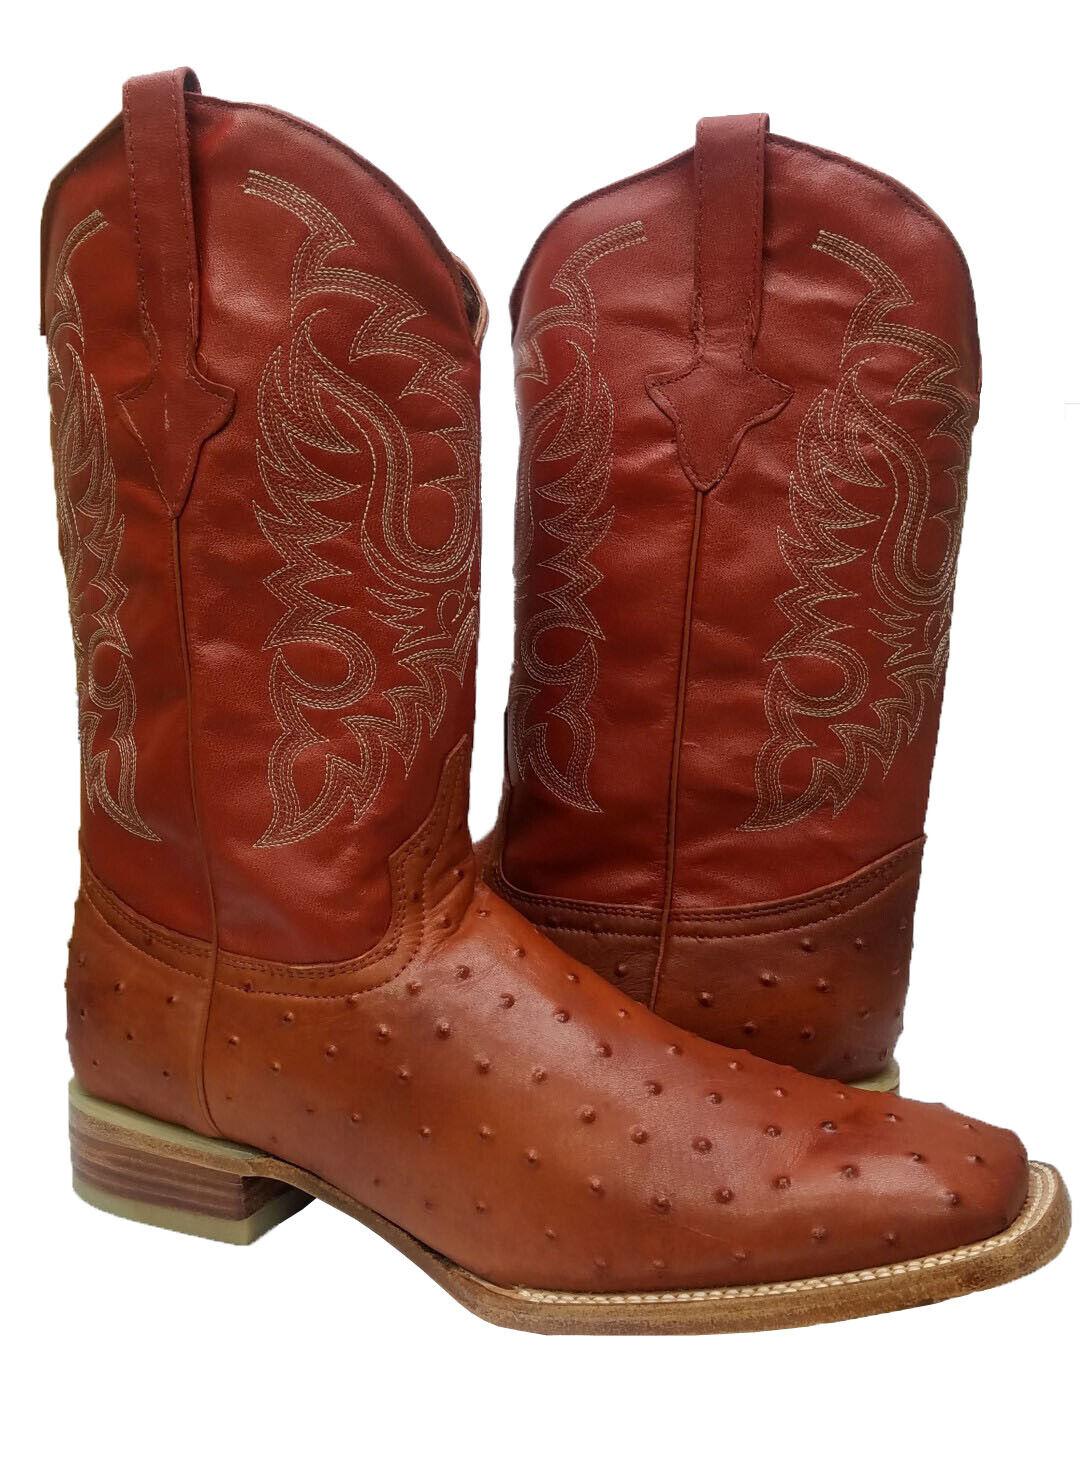 Para hombres Cuero Coñac Avestruz Pluma Patrón Vestido de dedo del pie cuadrado botas de vaquero occidental